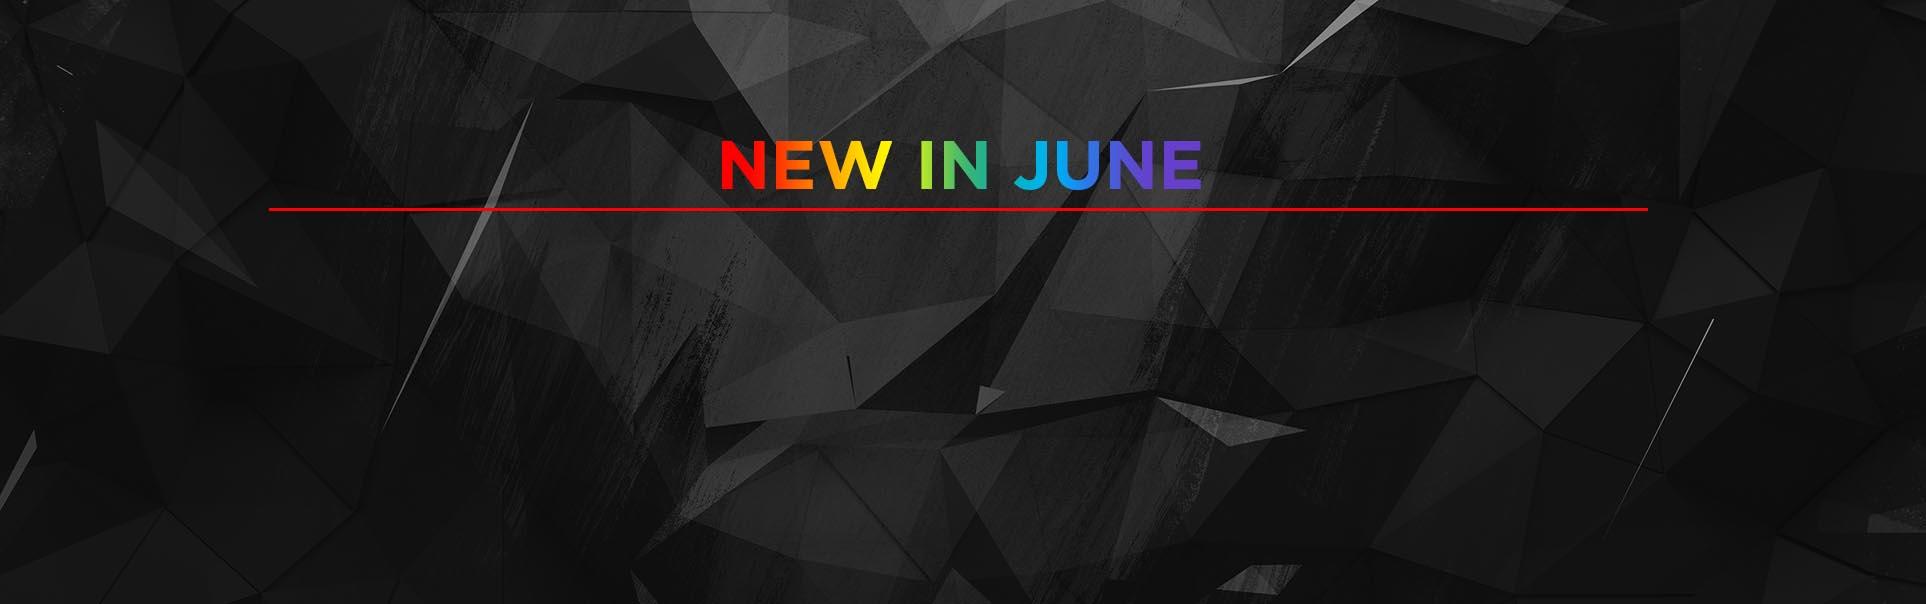 New In June